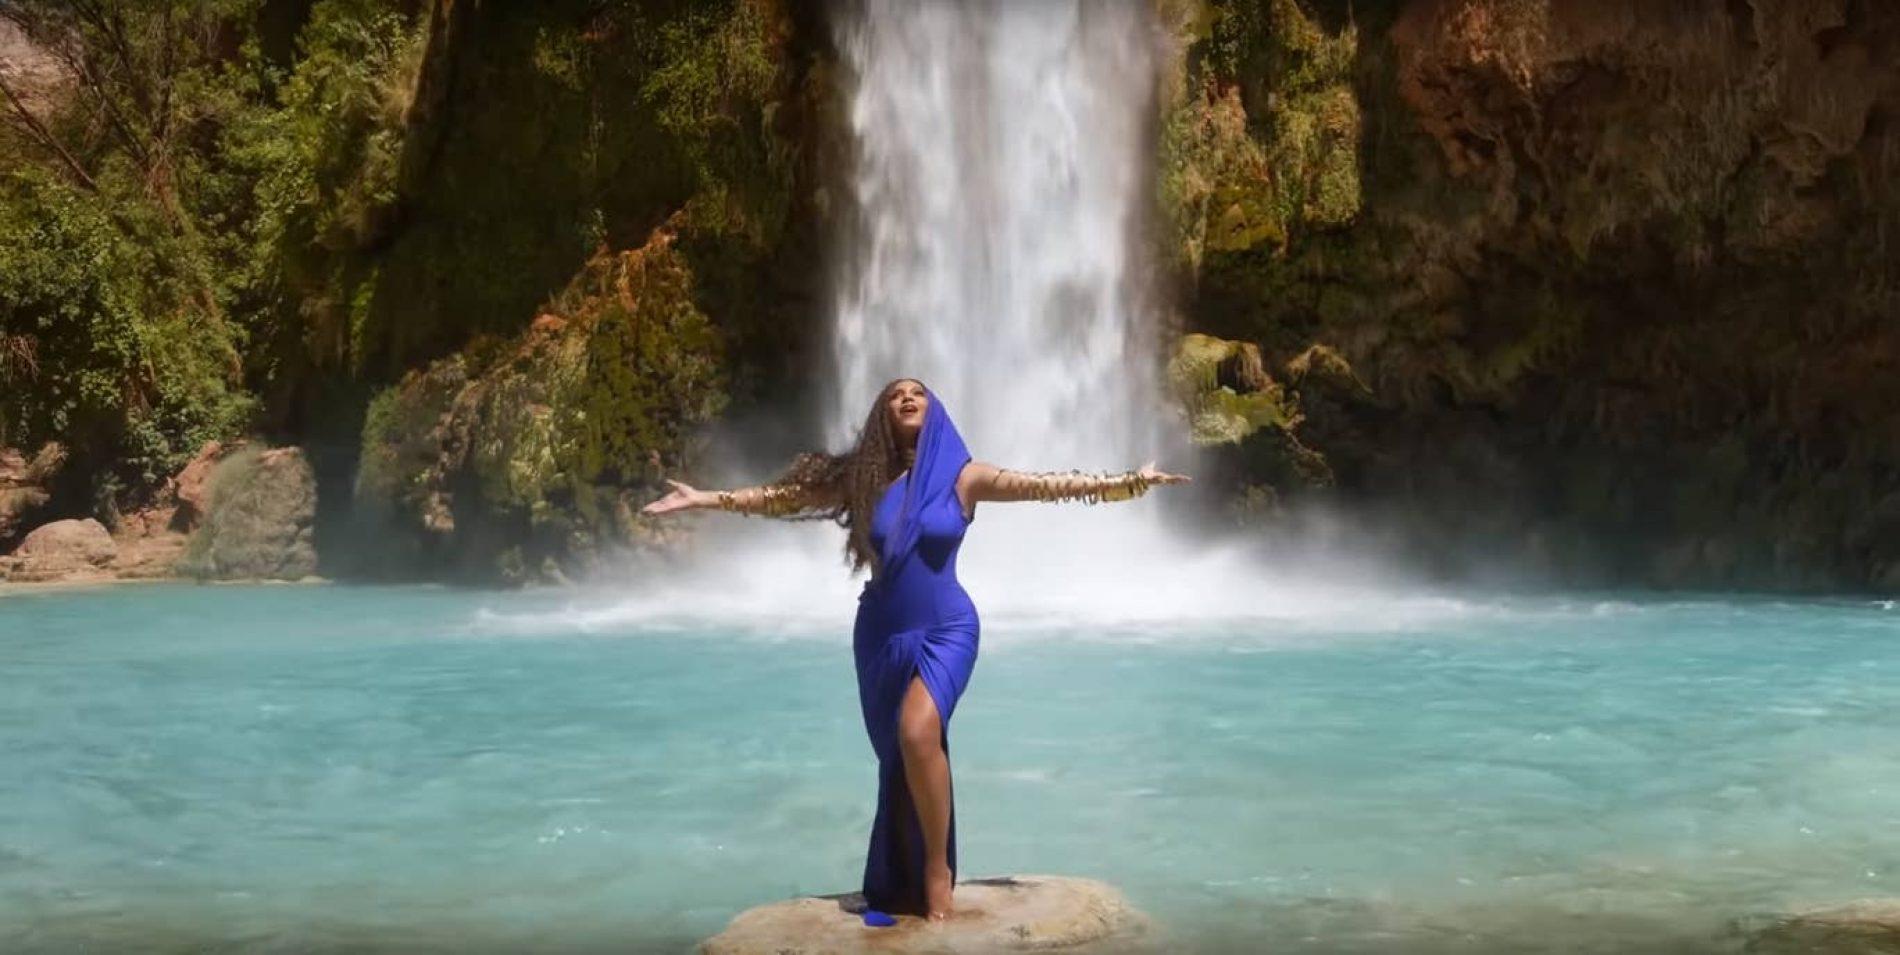 Najpopularnija svjetska pjevačica u novom spotu uljepšana nakitom bosanskih dizajnerica